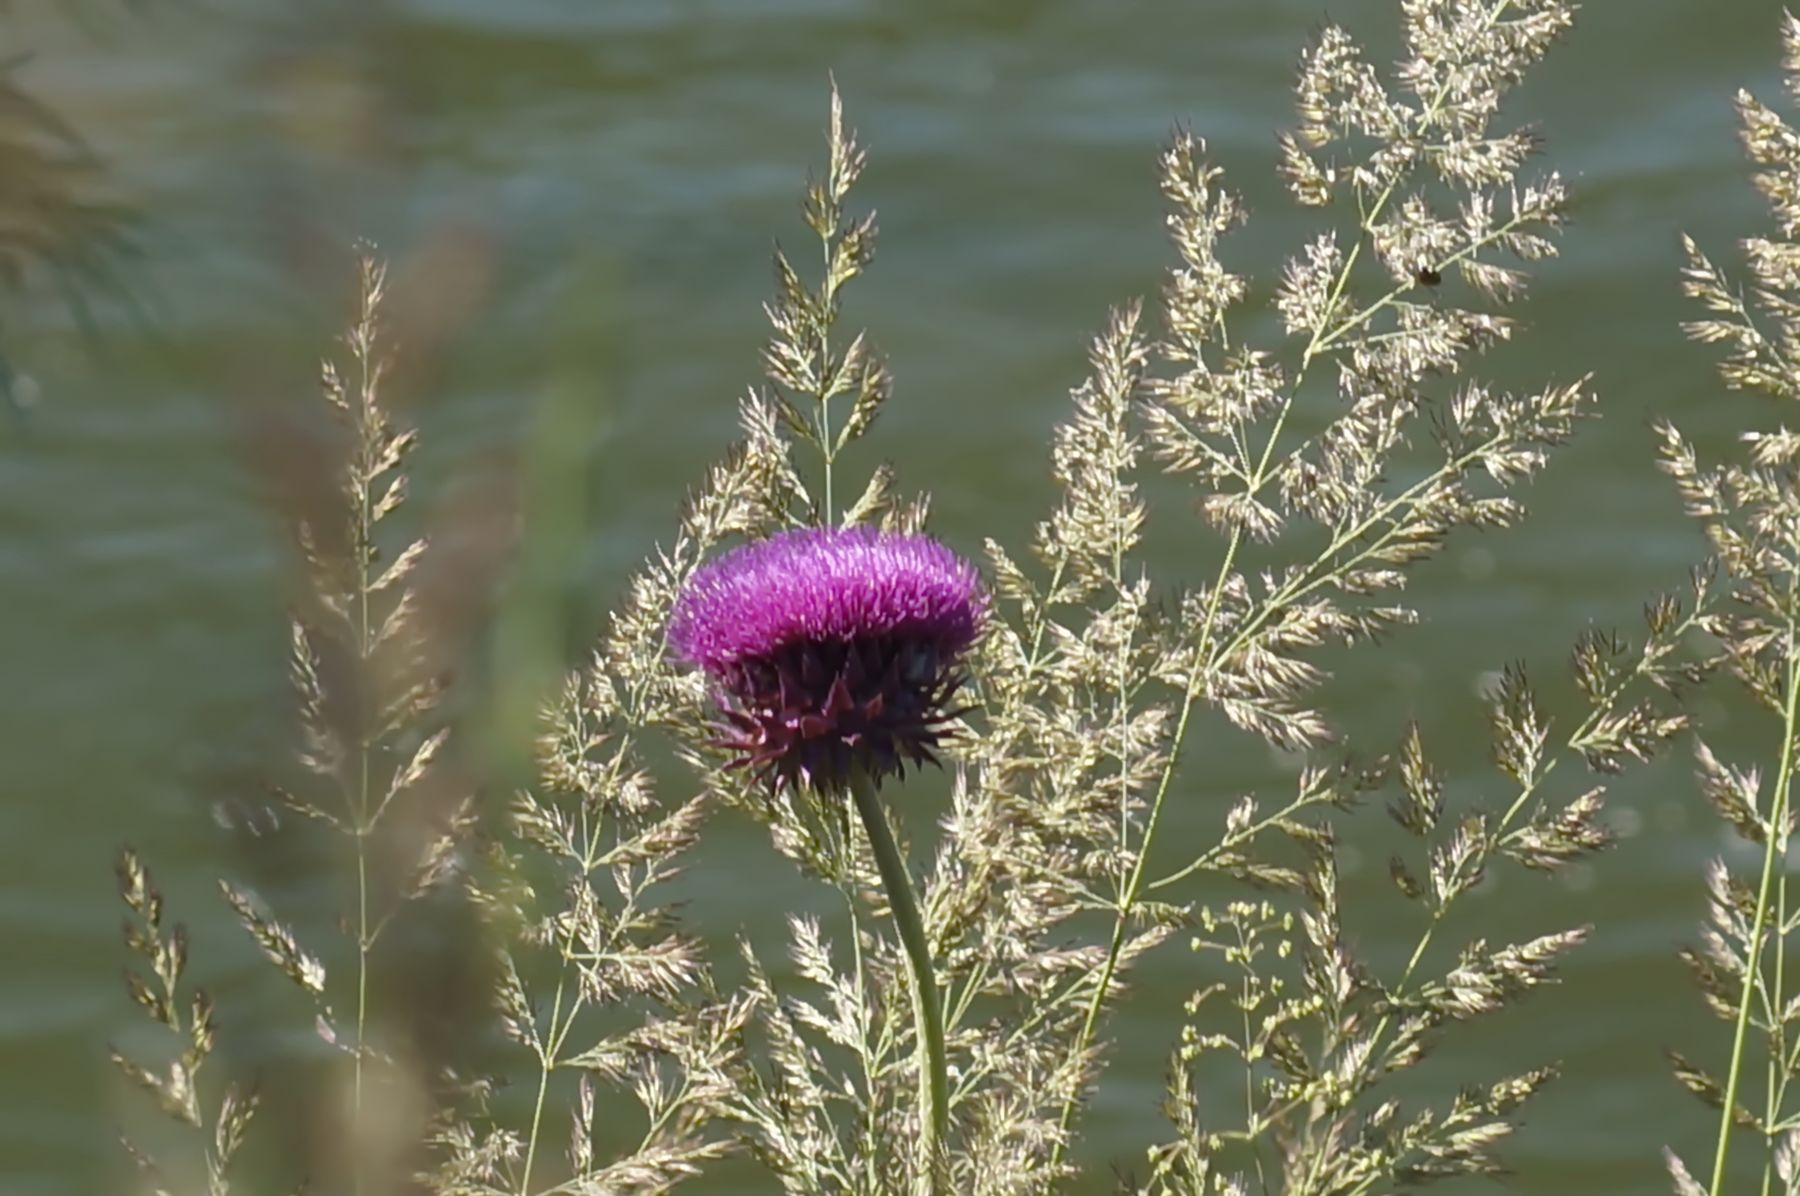 Чертополох чертополох лето цветы берег лес